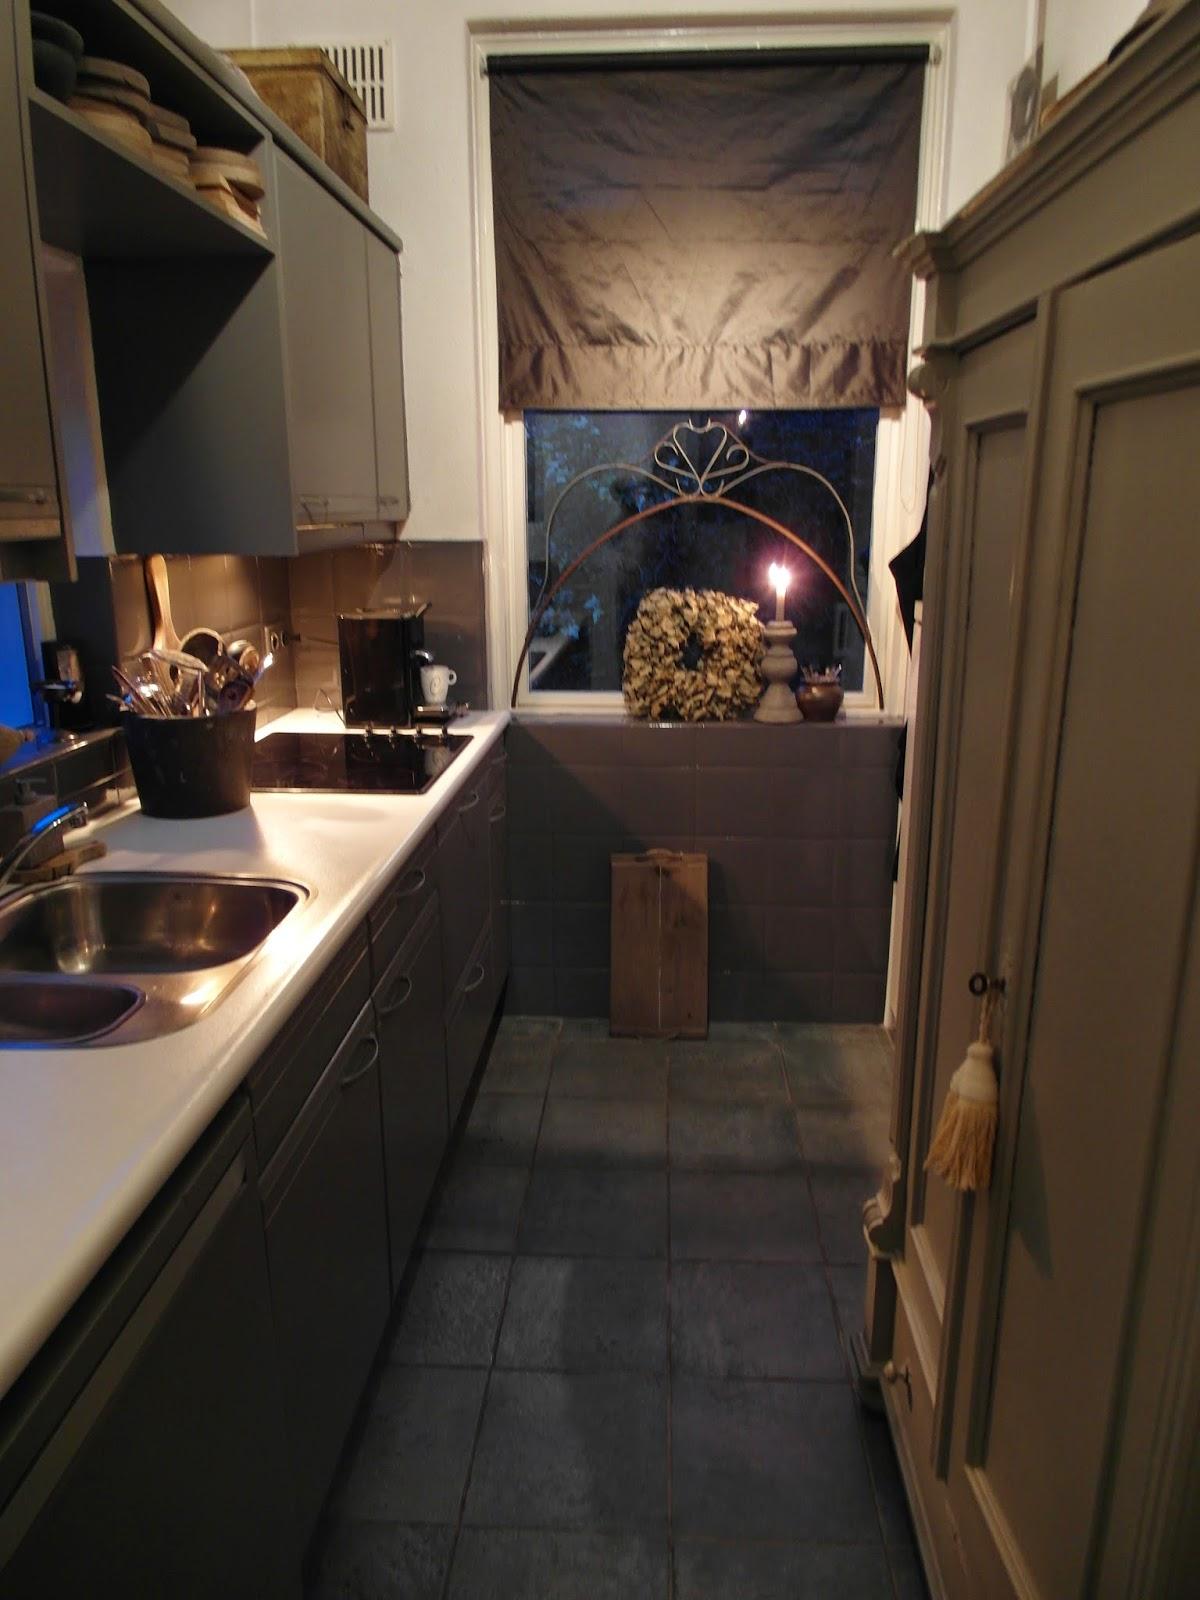 Easyliving: keuken is klaar...